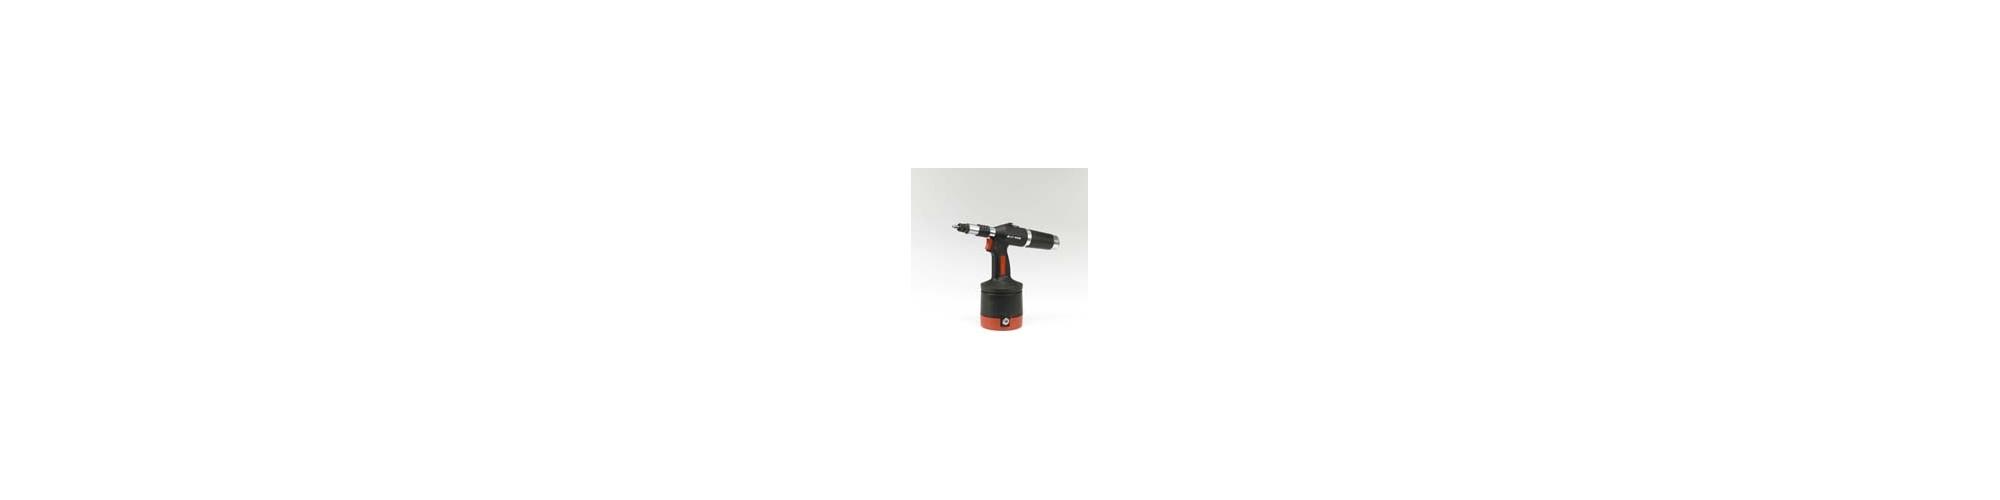 Клепальник пневматический Masterfix X GRIP N10 QI (45210N10QI)